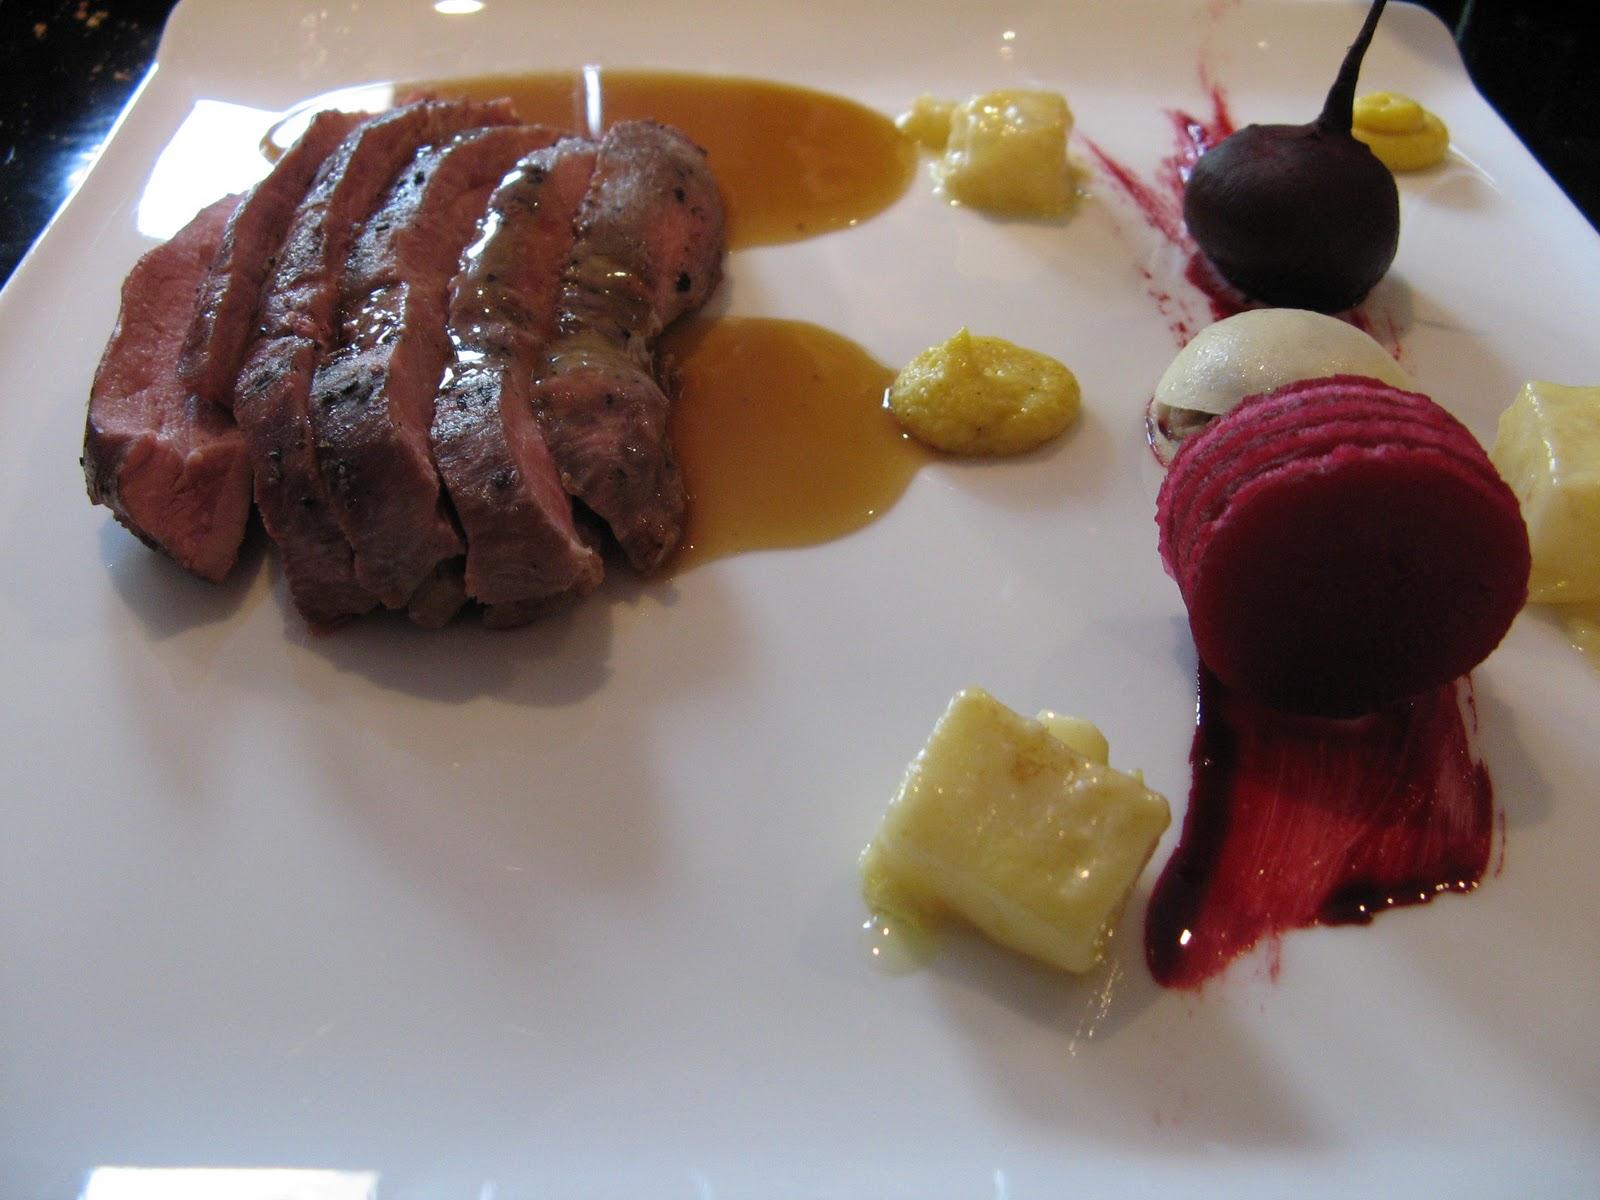 Mout en peper kookcursus bij de librije - Idee gezellige maaltijd ...